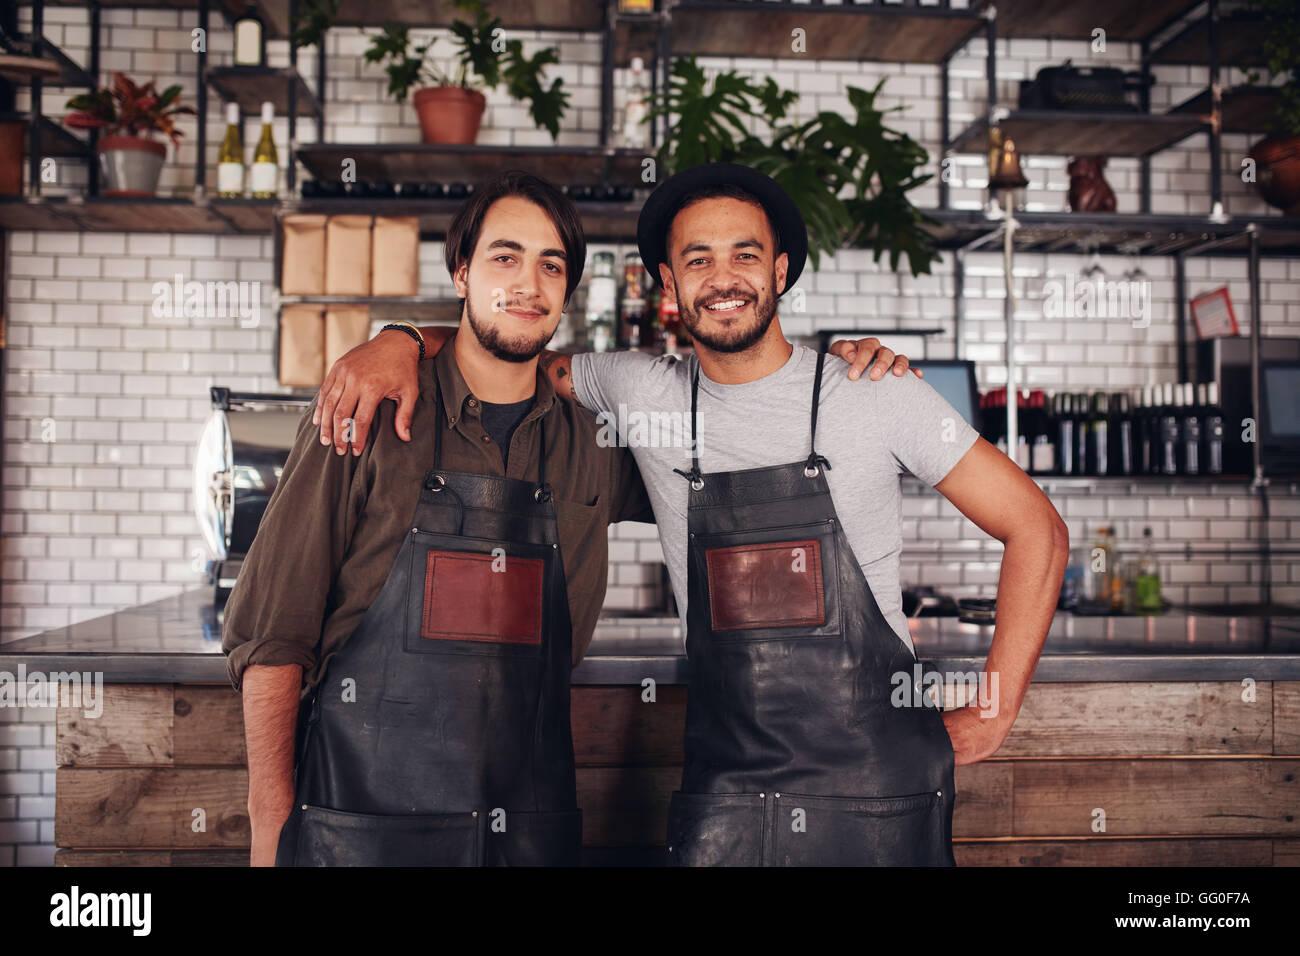 Ritratto di due giovani coffee shop proprietari in piedi insieme al bancone del bar e guardare la fotocamera. Immagini Stock